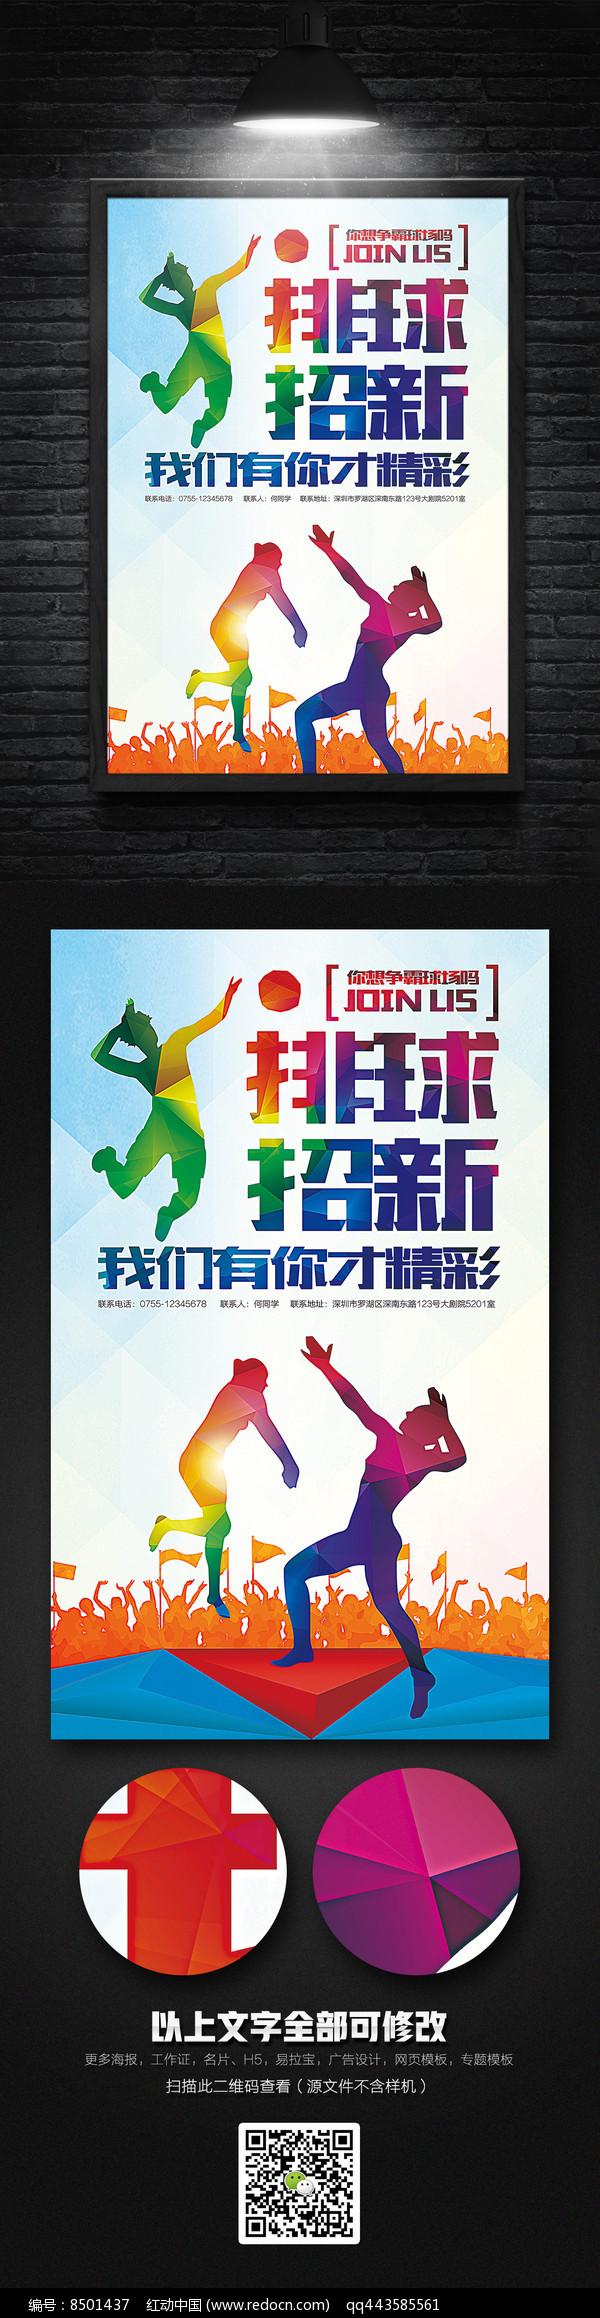 创意手绘排球社招新海报设计